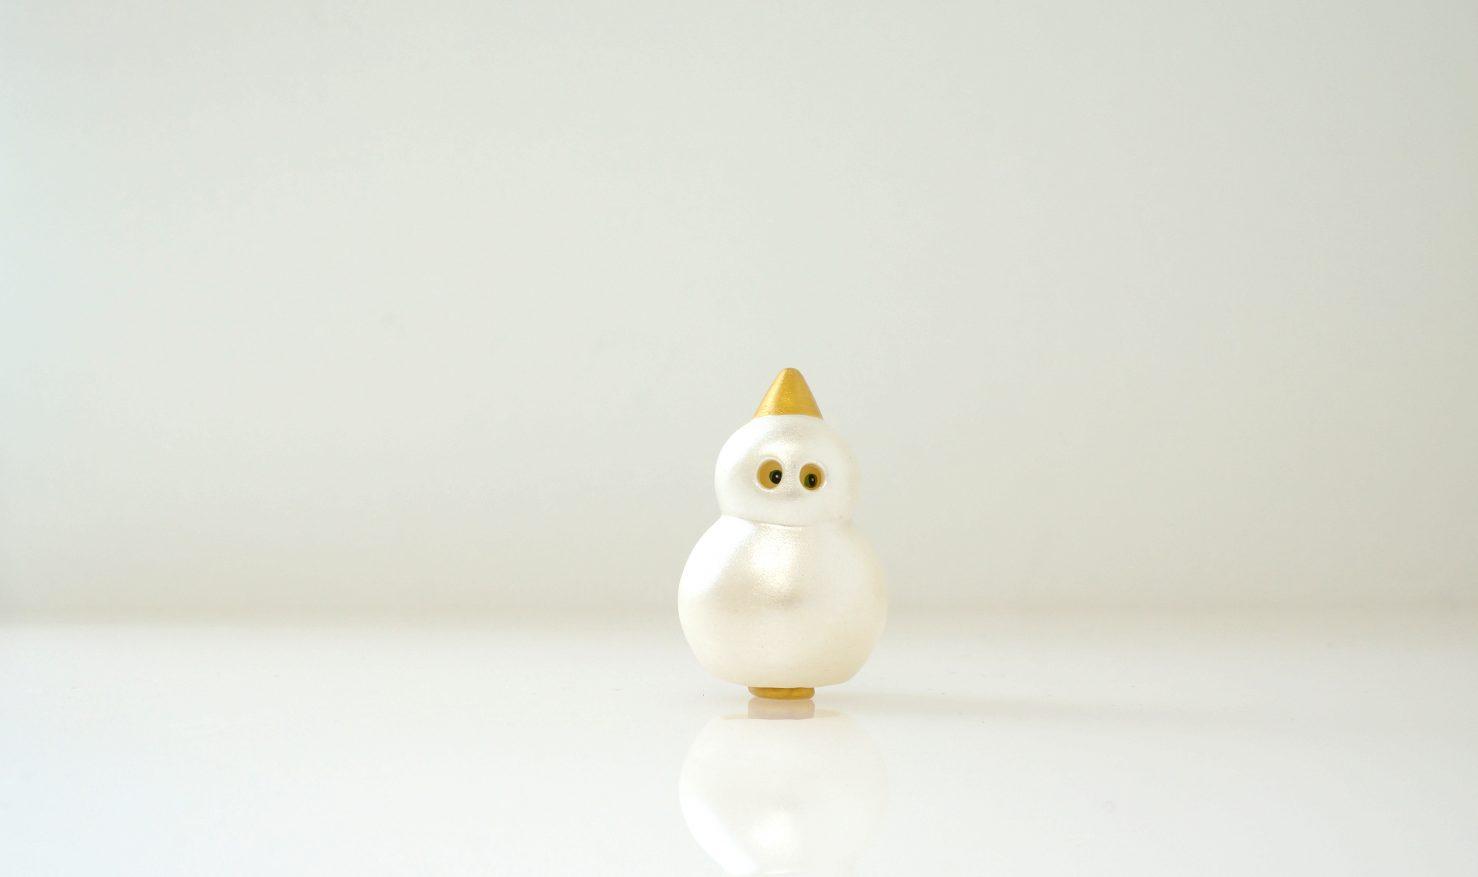 孤高のルックルック/ルックルック・かまくら/ルックルック・雪だるま by kishiazumi / 岸あずみ